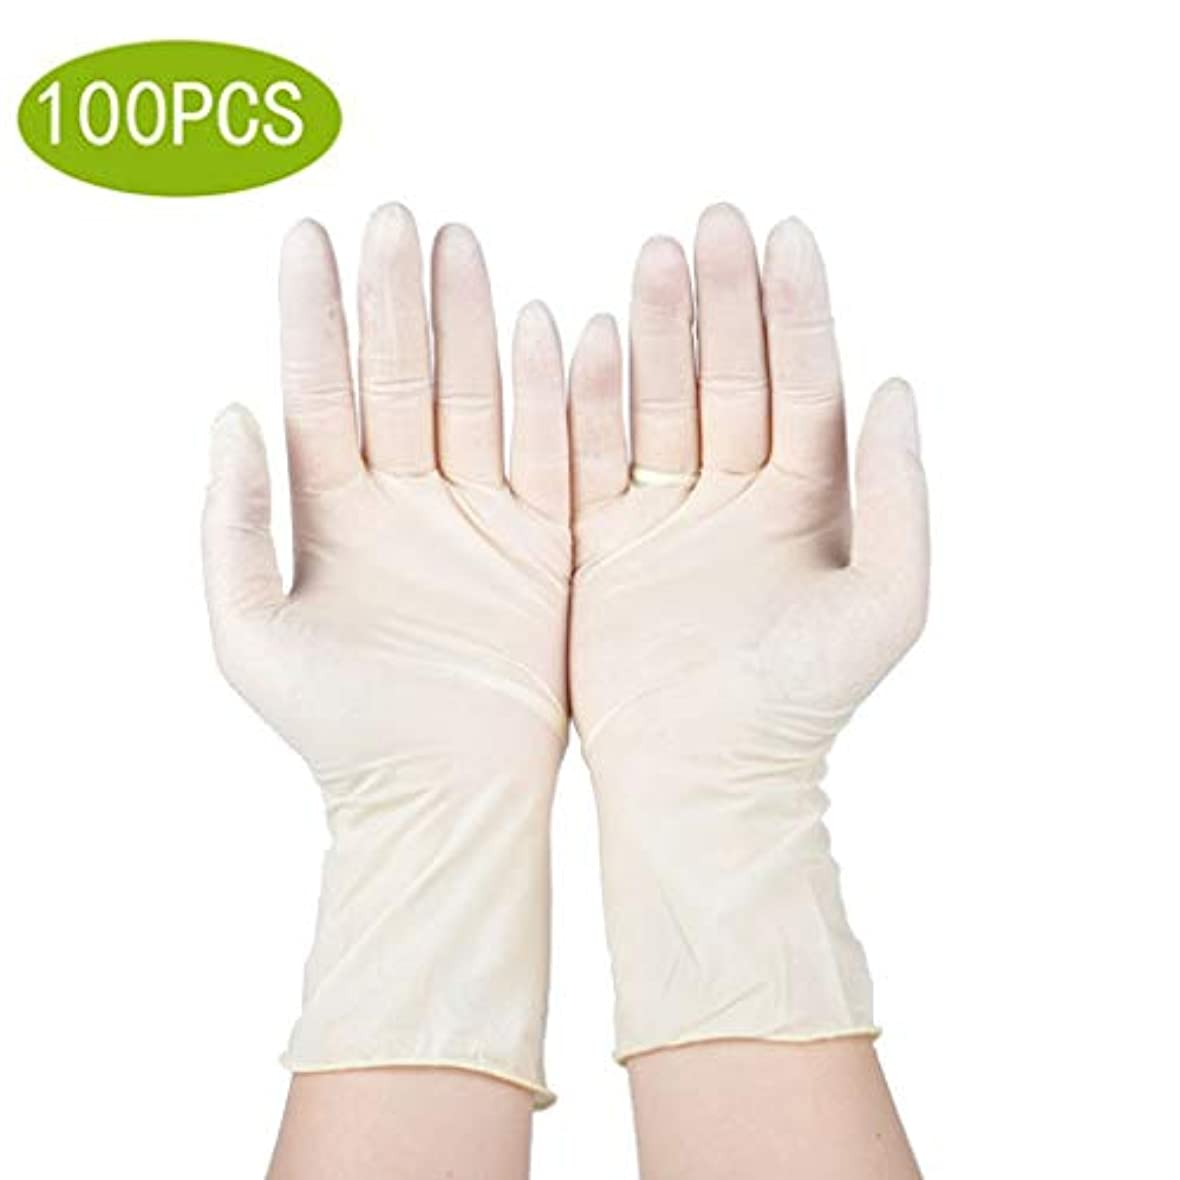 信じられない金額ゆるいニトリル手袋義務使い捨てビニール手袋、100カウント、特大 - パウダーフリー、両性、極度の快適さ、特別に強く、丈夫で伸縮性がある、医療、食品、マルチユース (Color : Latex Gloves, Size : M)